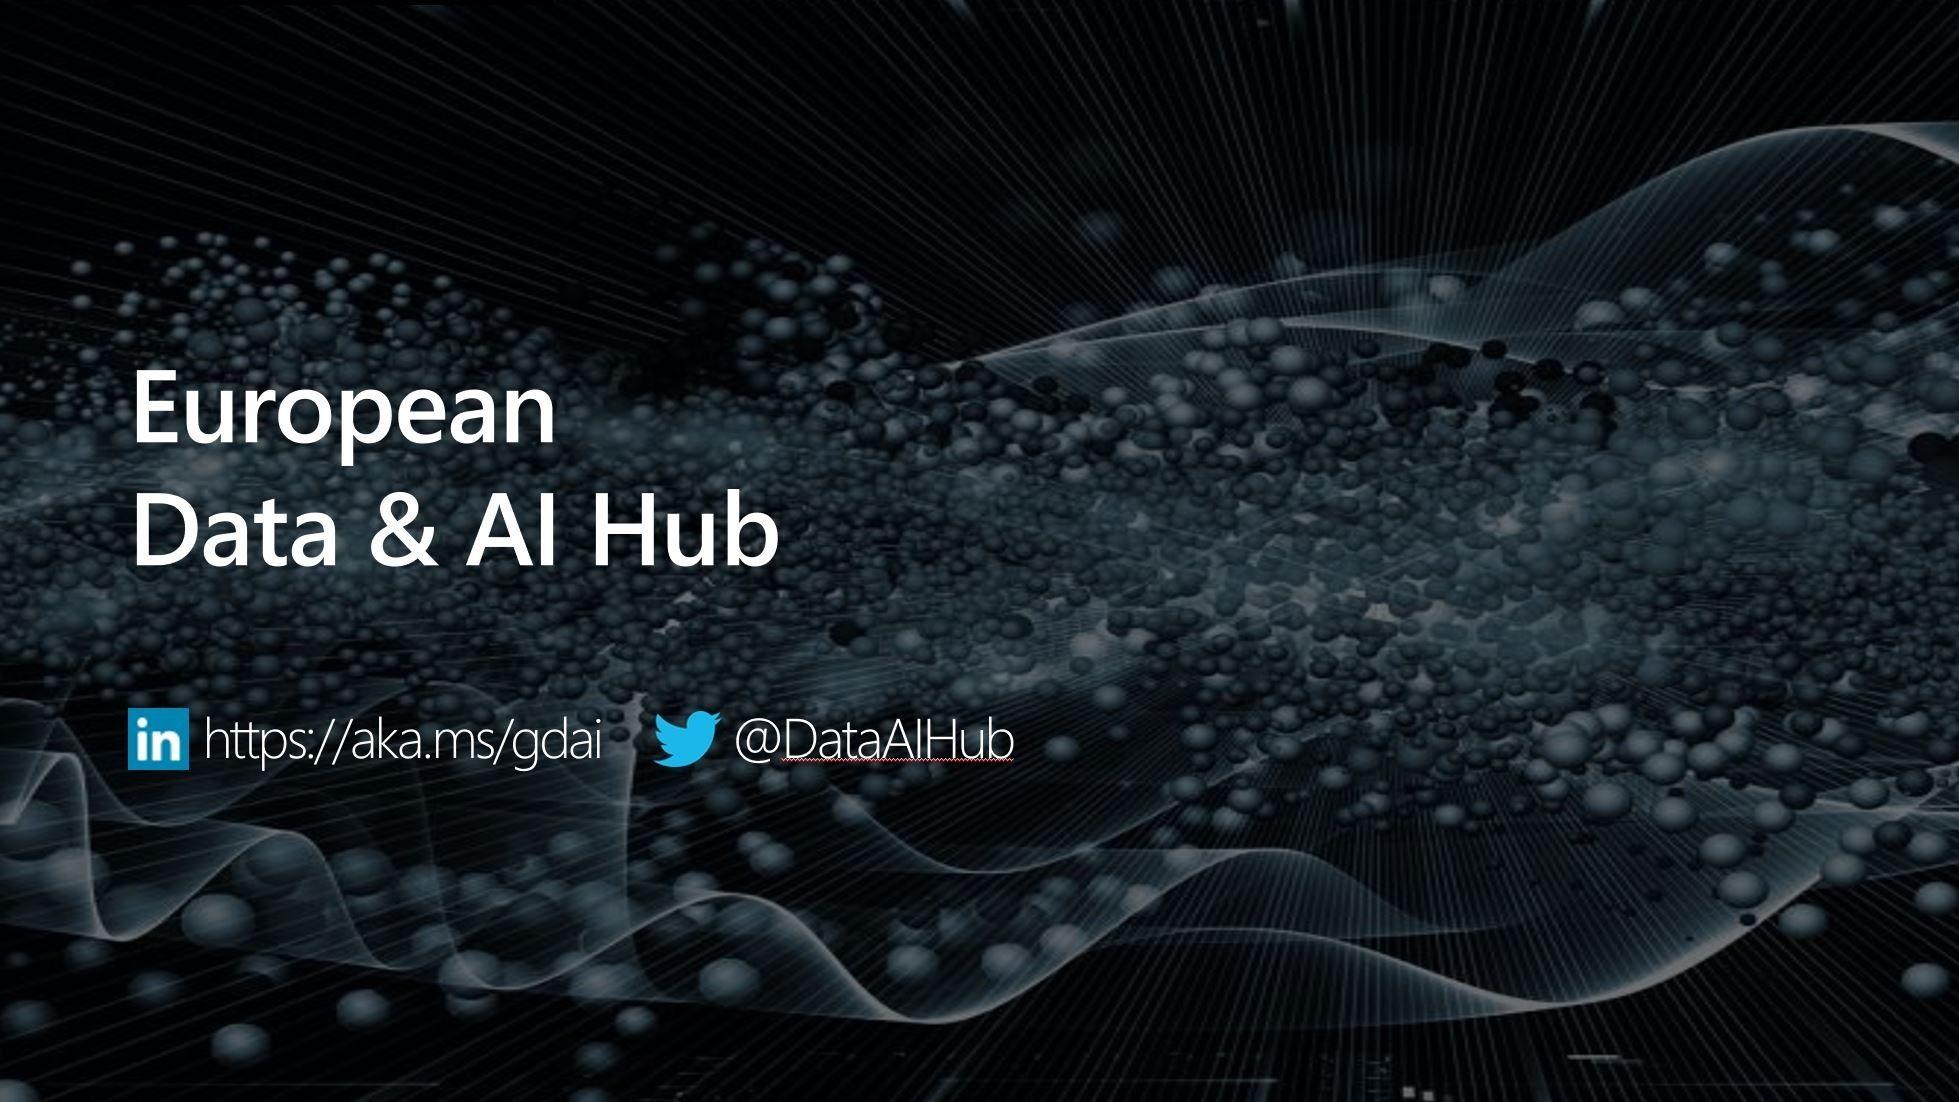 European Data & AI Hub